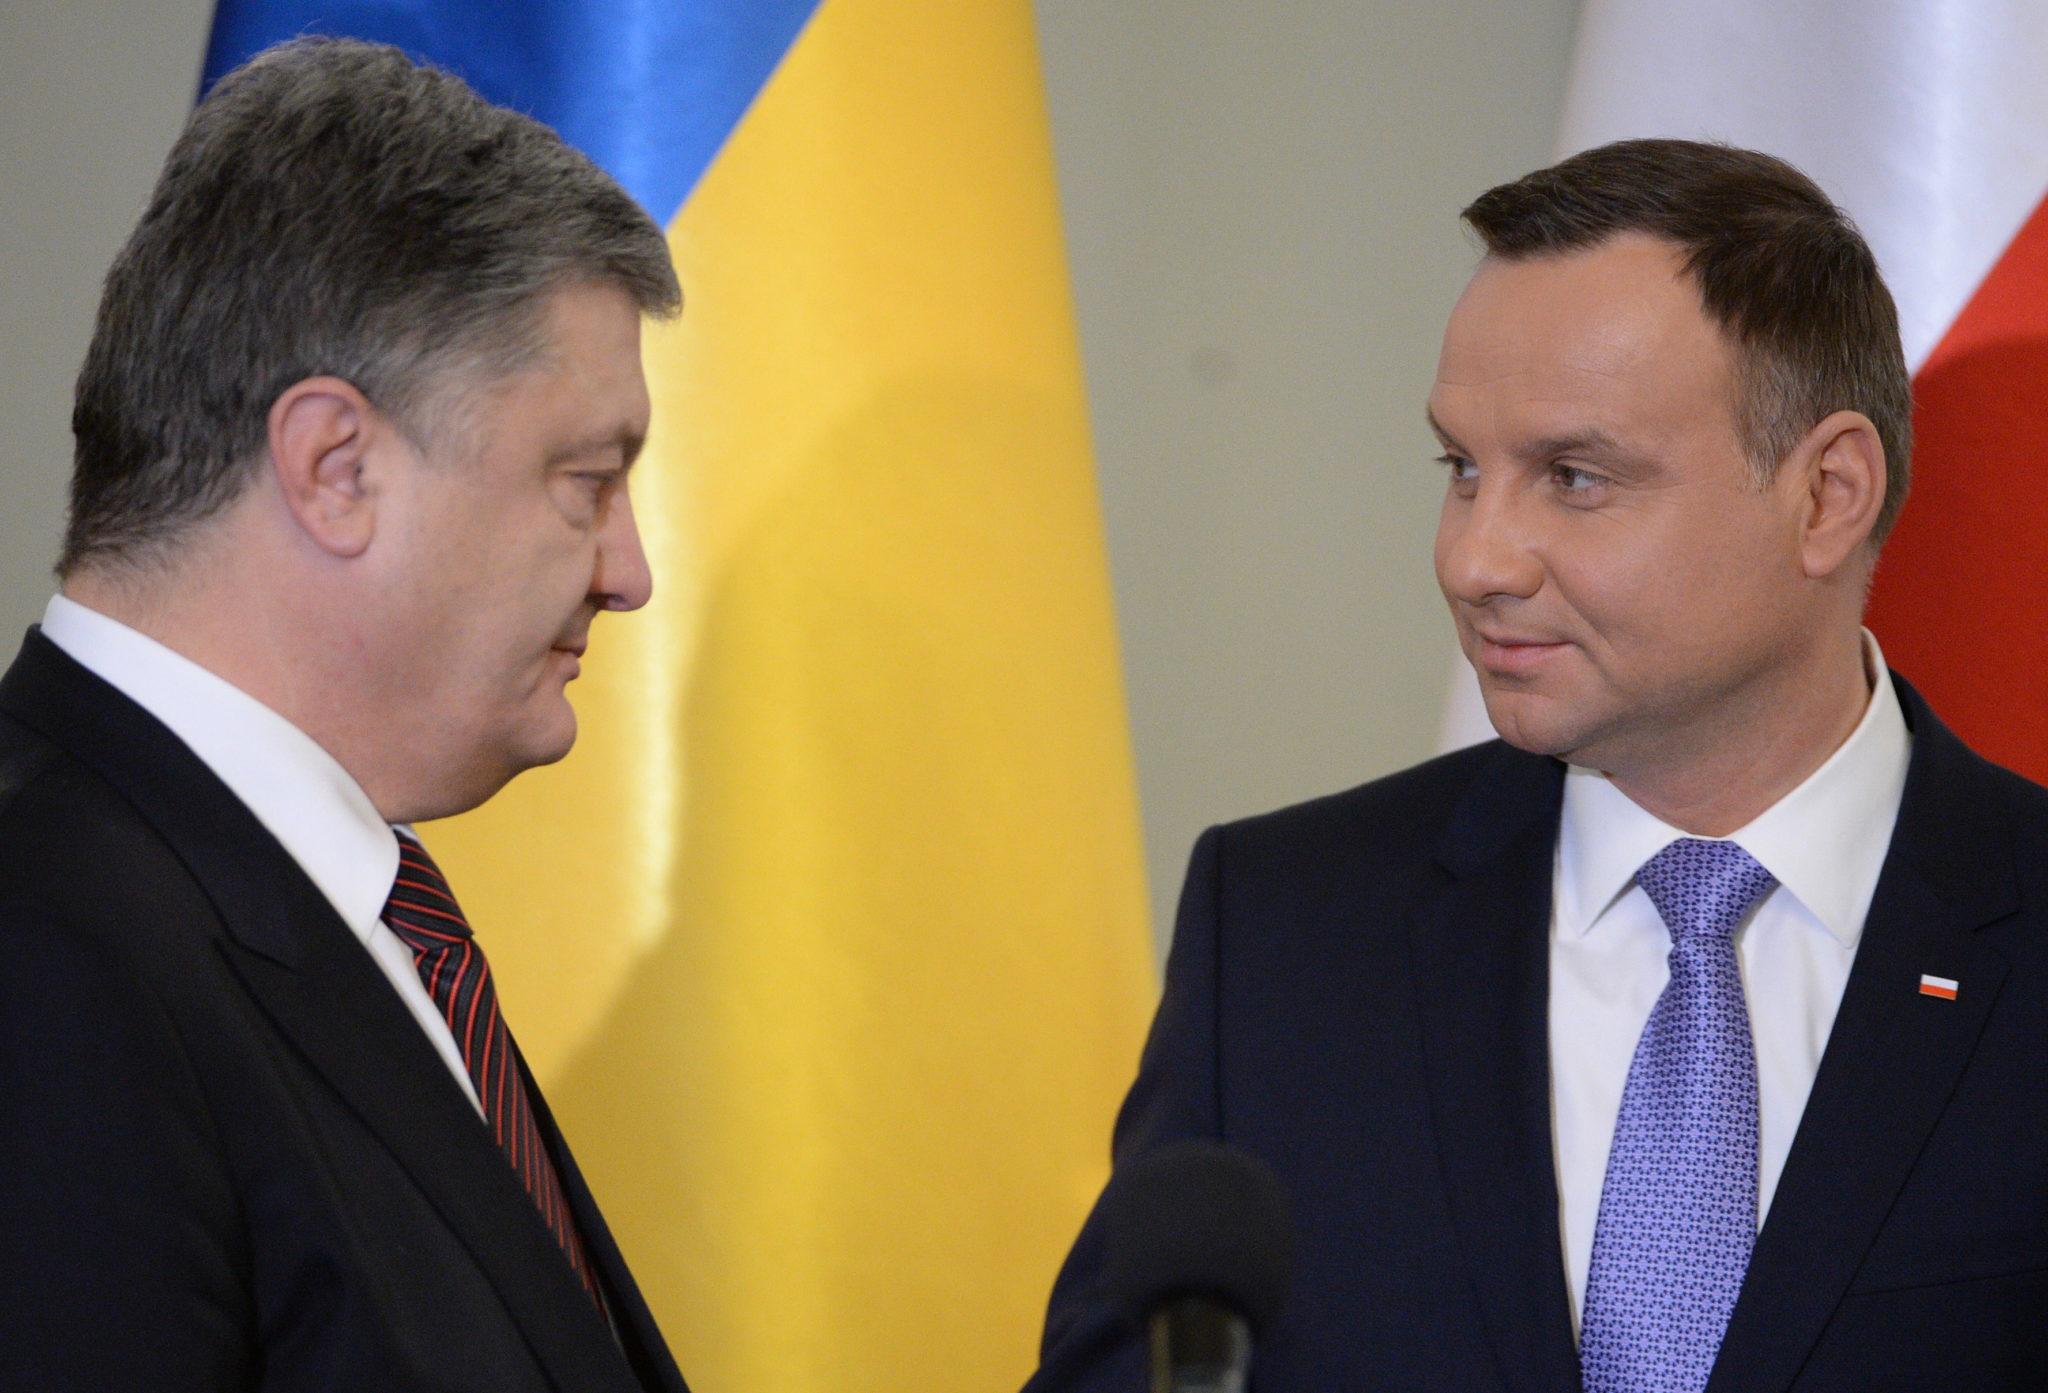 Polska: wizyta prezydenta Ukrainy Petro Poroszenki w Polsce (foto. PAP/Jacek Turczyk)